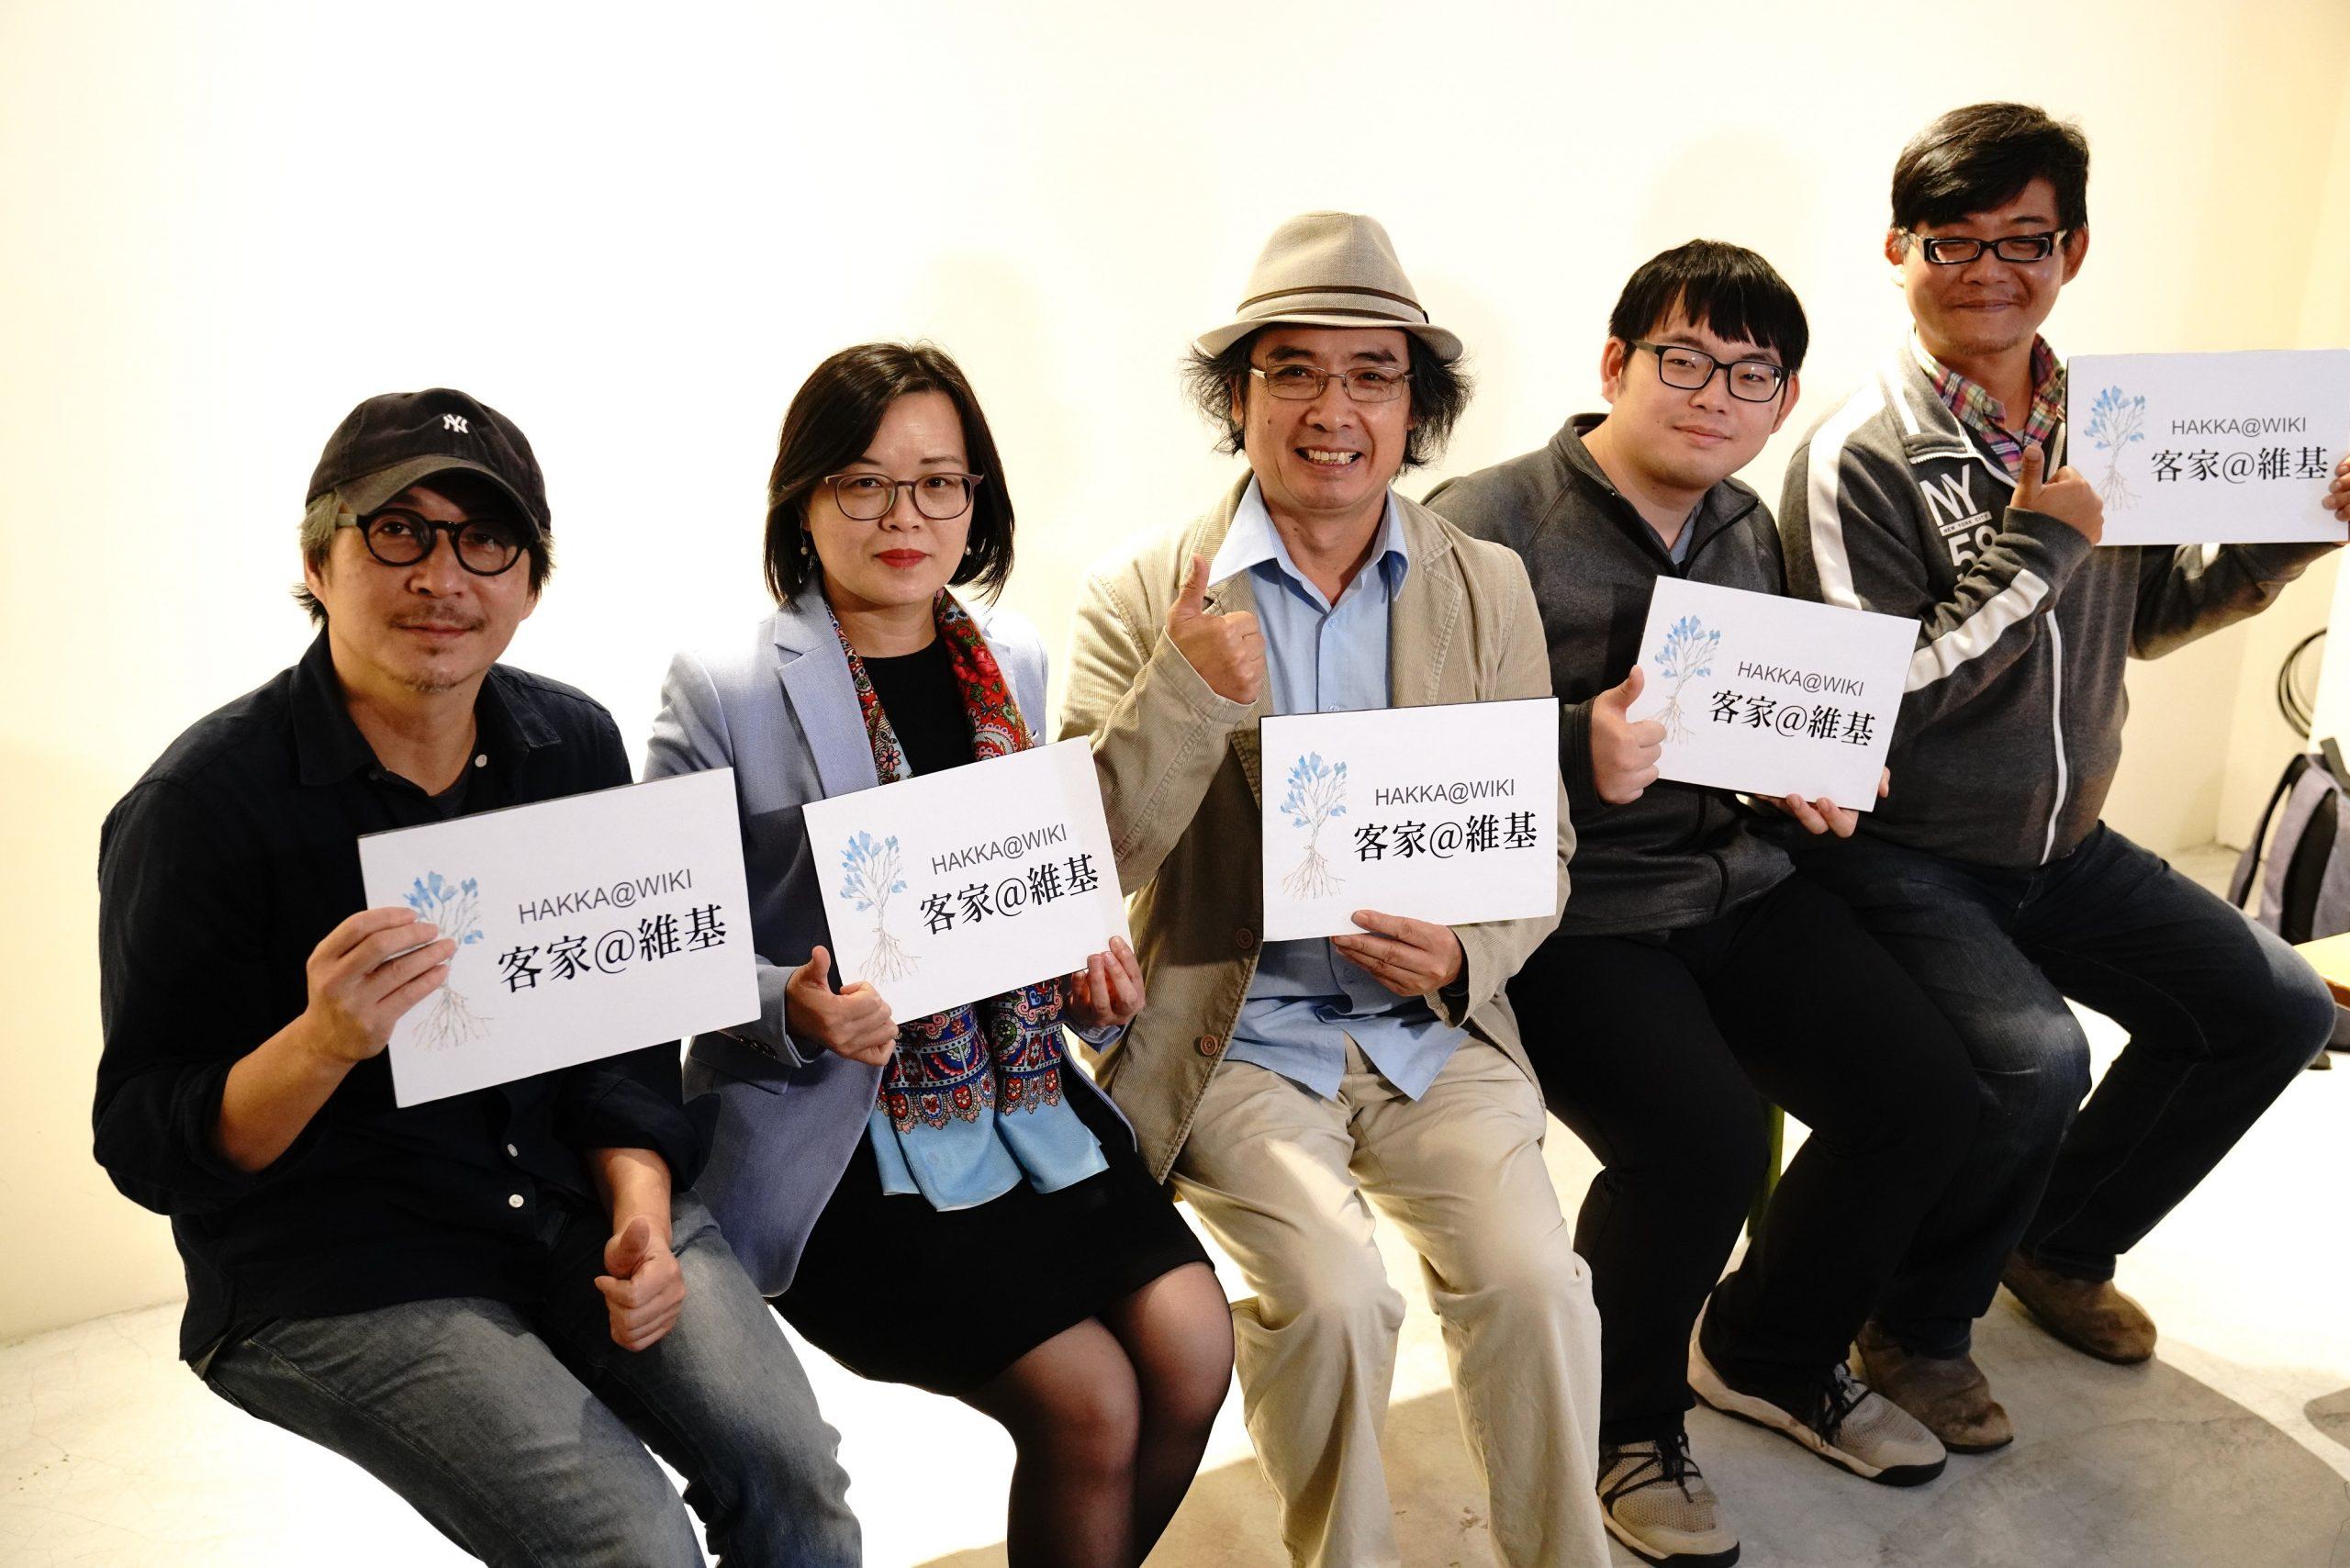 共下書寫網路維基  陳邦畛期許台灣成為世界客家復興基地